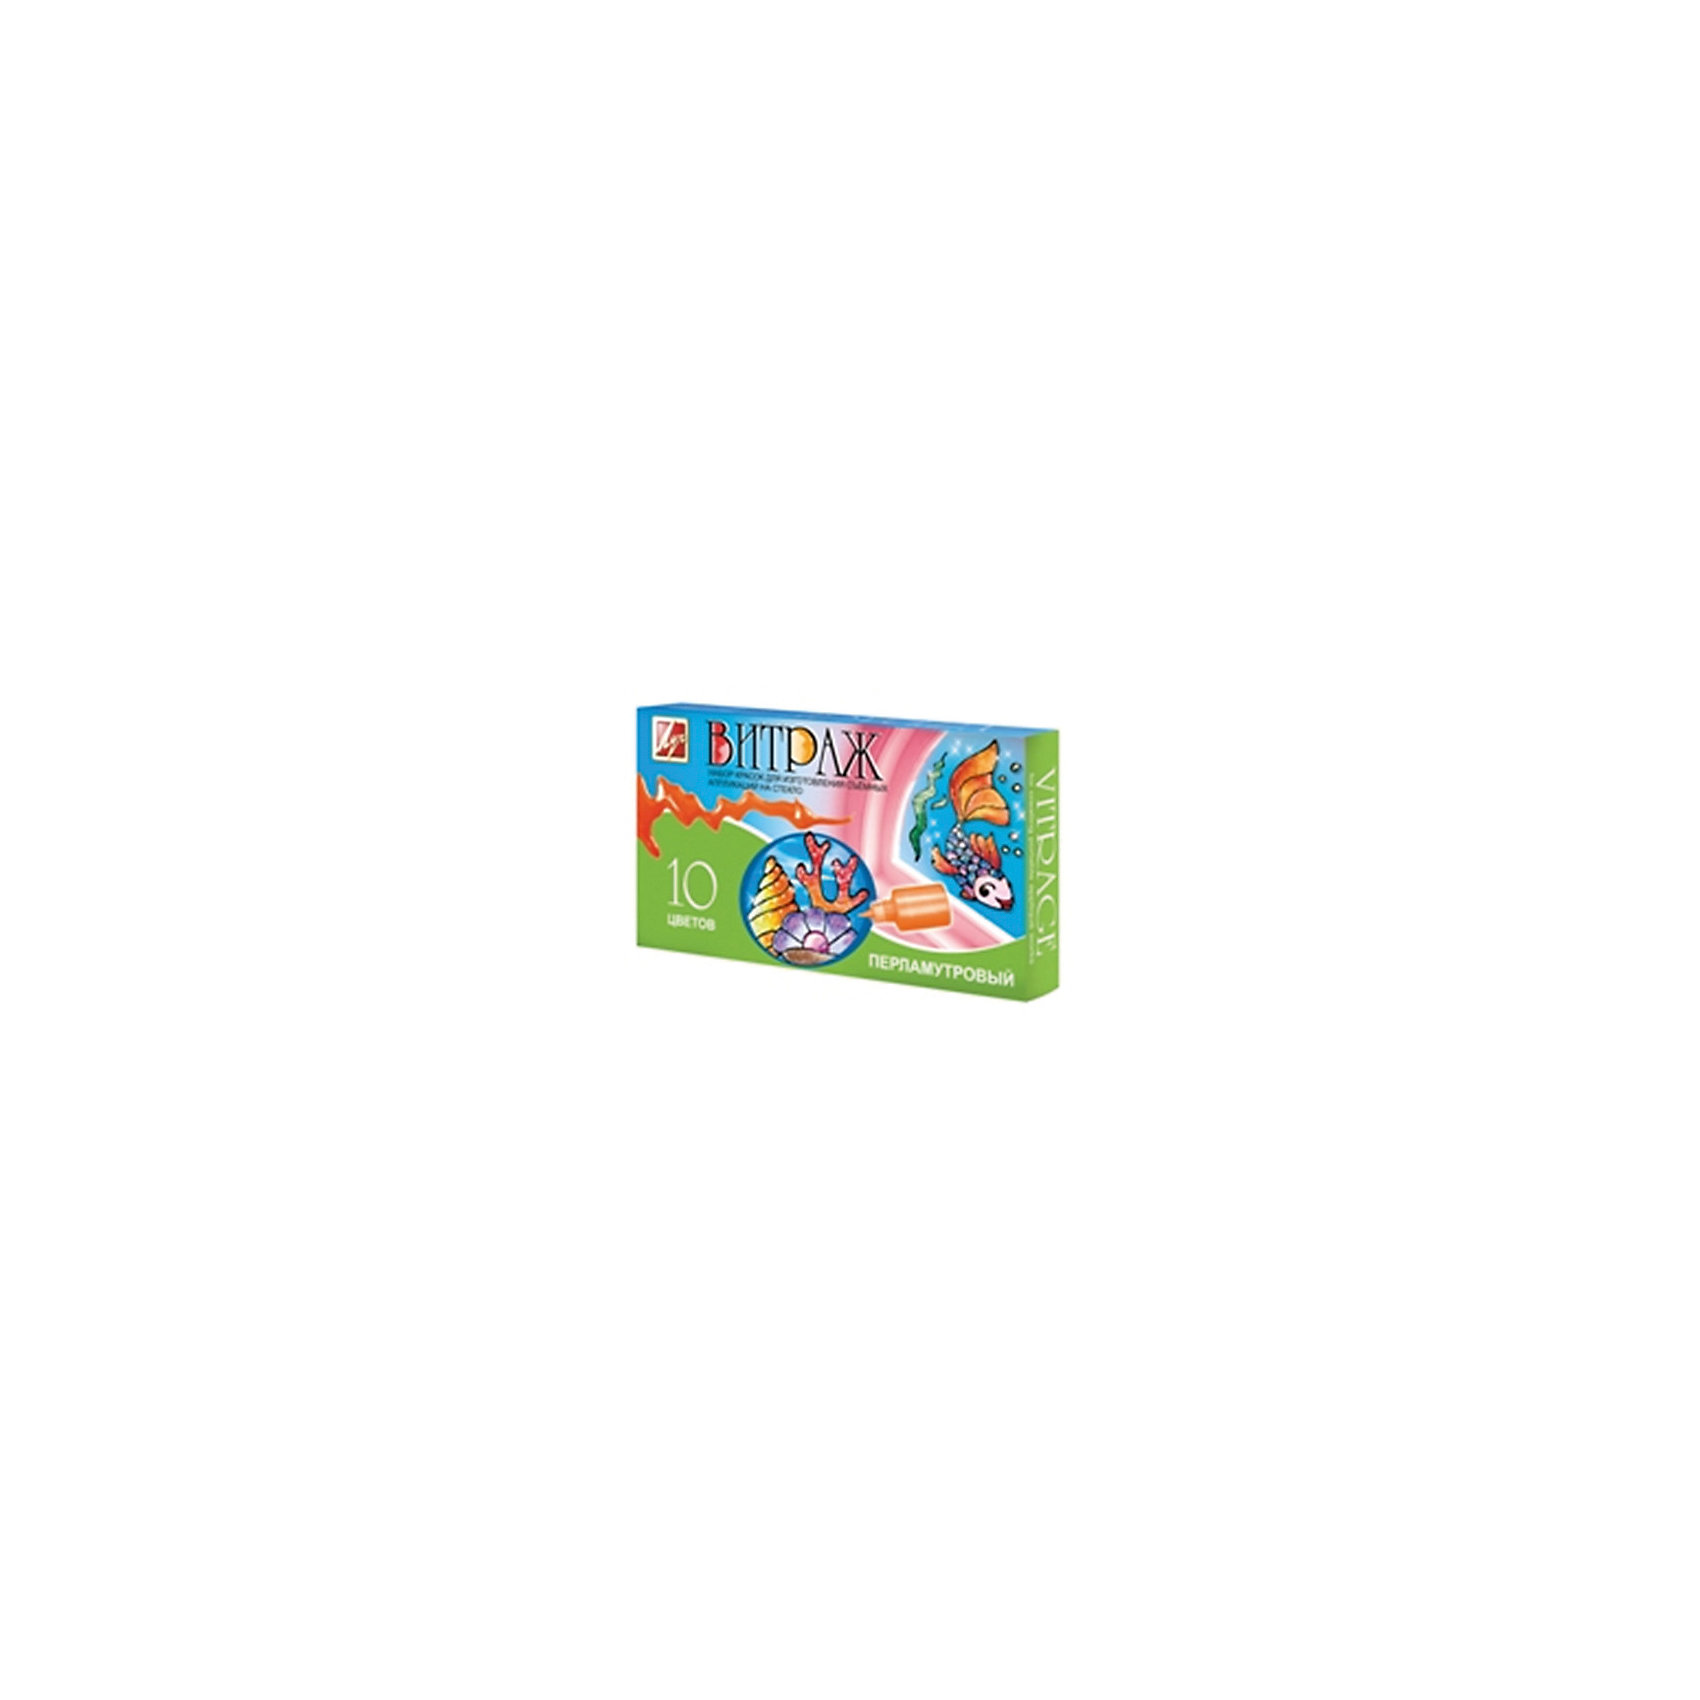 Витражные краски перламутровые 10 цветовХарактеристики:<br><br>• Предназначение: для занятий художественным творчеством<br>• Пол: универсальный<br>• Тематика шаблонов: морская<br>• Количество цветов: 10 перламутровых цветов в тюбиках<br>• Комплектация: краски, пленка-файл, шаблоны, запасные колпачки<br>• Тип краски: витражная<br>• Материал: акриловые краски, пластик<br>• Размеры упаковки (Д*Ш*В): 25*5*14 см<br>• Вес упаковки: 350 г <br>• Упаковка: картонная коробка<br><br>Витражные краски перламутровые 10 цветов от ведущего производителя канцелярии и товаров для творчества Луч состоят из материалов и приспособлений, необходимых для создания витражей. Набор включает в себя 10 тюбиков с перламутровыми красками, шаблонами и запасными колпачками для тюбиков. Витражные краски от Луча отличаются яркостью и стойкостью цветов, краски при нанесении на поверхность не растекаются, хорошо переносят перепады температуры и влажности. Набор предназначен для создания объемных аппликаций, благодаря особому составу красок, готовые картинки надежно держатся на стеклянных и зеркальных поверхностях. Краски гипоаллергенны, не имеют запаха, поэтому они безопасны для детского творчества. <br>Занятия художественным творчеством развивают мелкую моторику рук, способствуют формированию художественно-эстетического вкуса и дарят хорошее настроение не только ребенку, но и окружающим!<br><br>Витражные краски перламутровые 10 цветов можно купить в нашем интернет-магазине.<br><br>Ширина мм: 132<br>Глубина мм: 35<br>Высота мм: 242<br>Вес г: 406<br>Возраст от месяцев: 36<br>Возраст до месяцев: 180<br>Пол: Унисекс<br>Возраст: Детский<br>SKU: 5188797